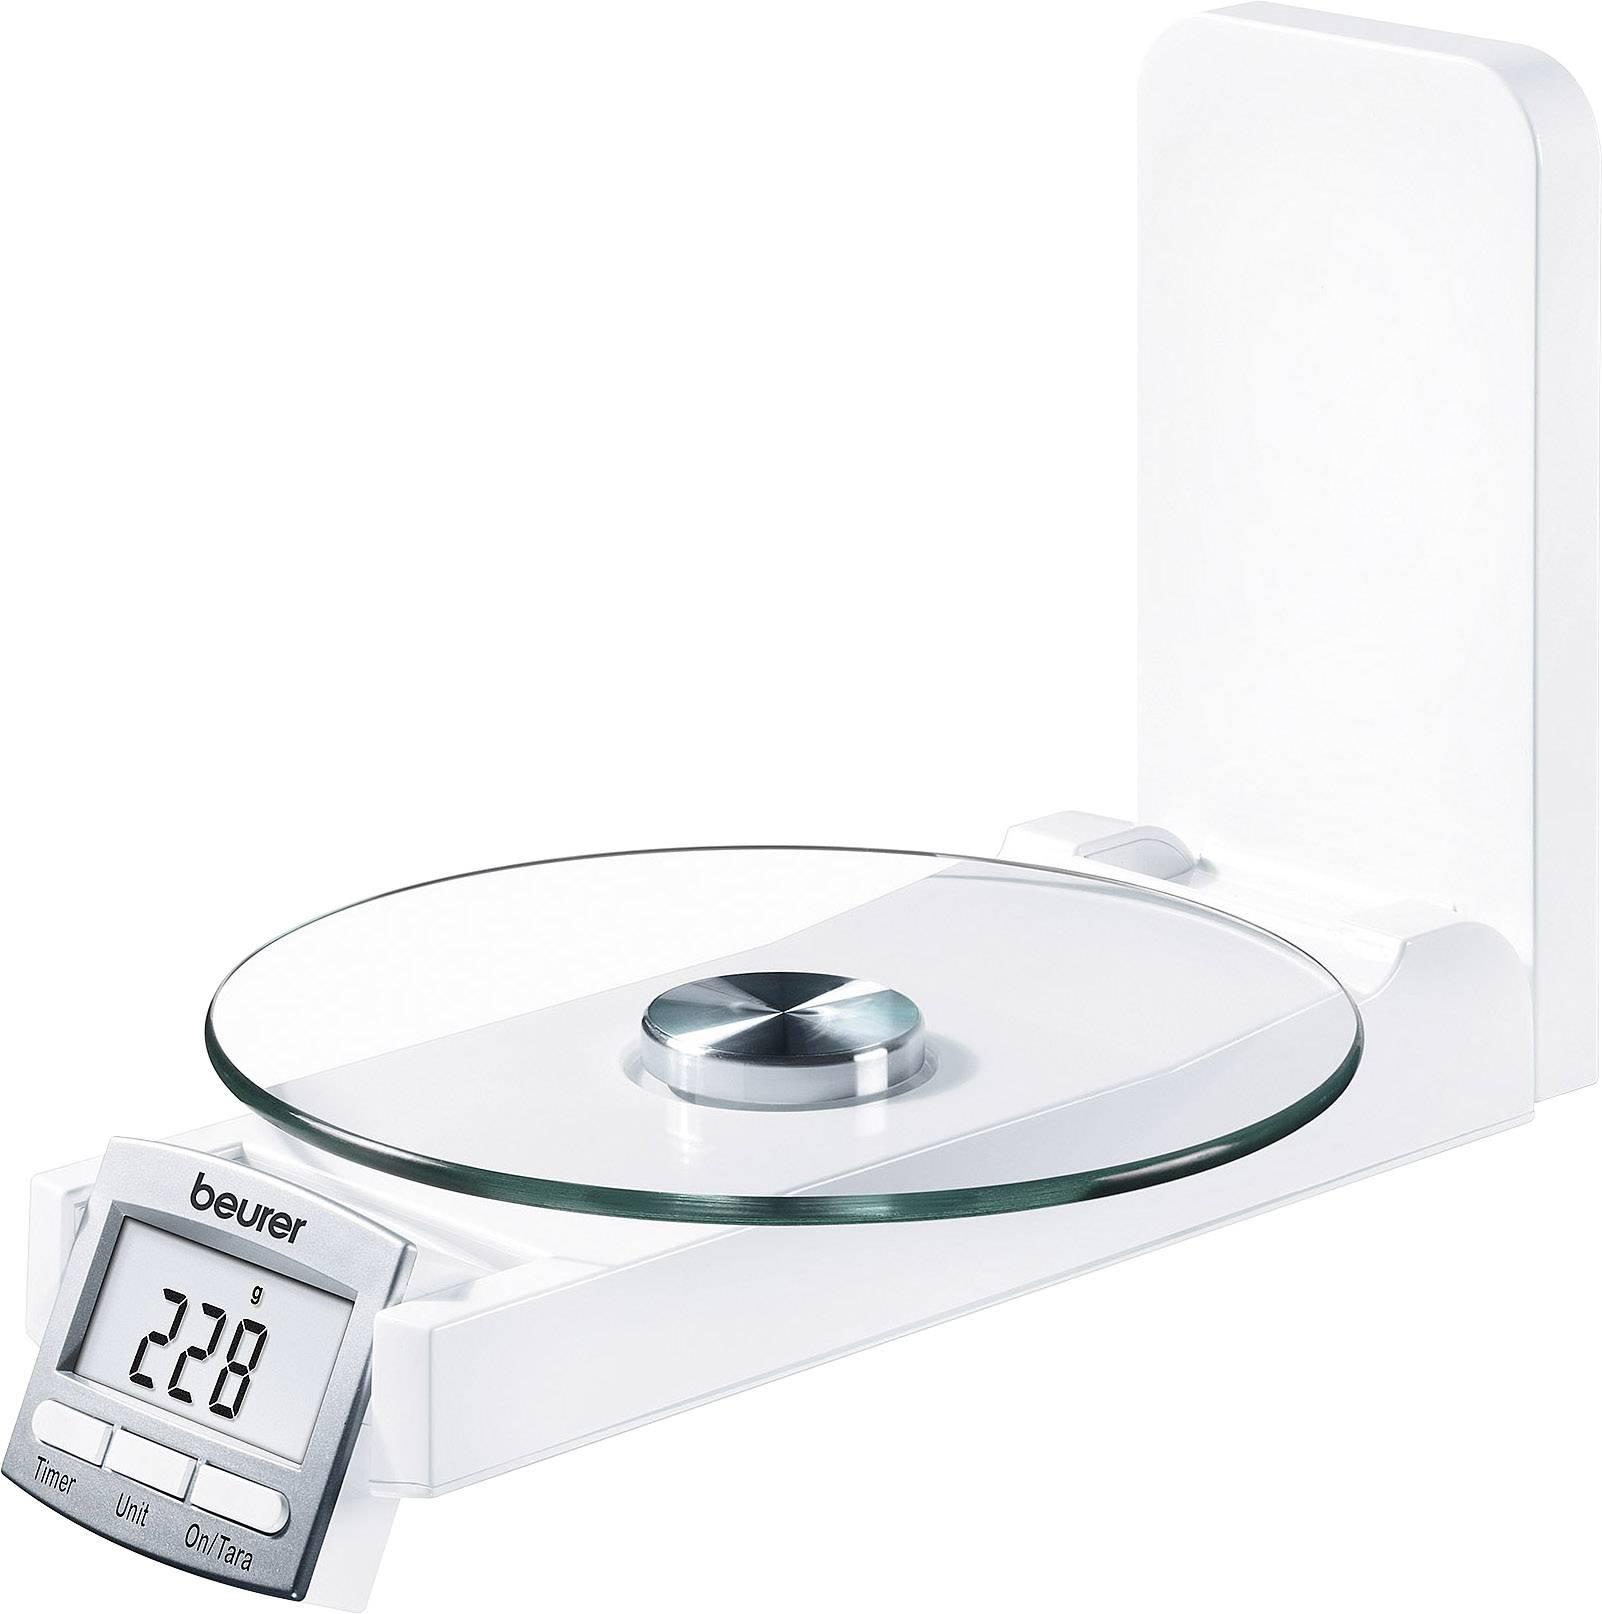 Beurer KS 52 Küchenwaage digital max. =5kg Wei mit Wandbefestigung Wägebereich